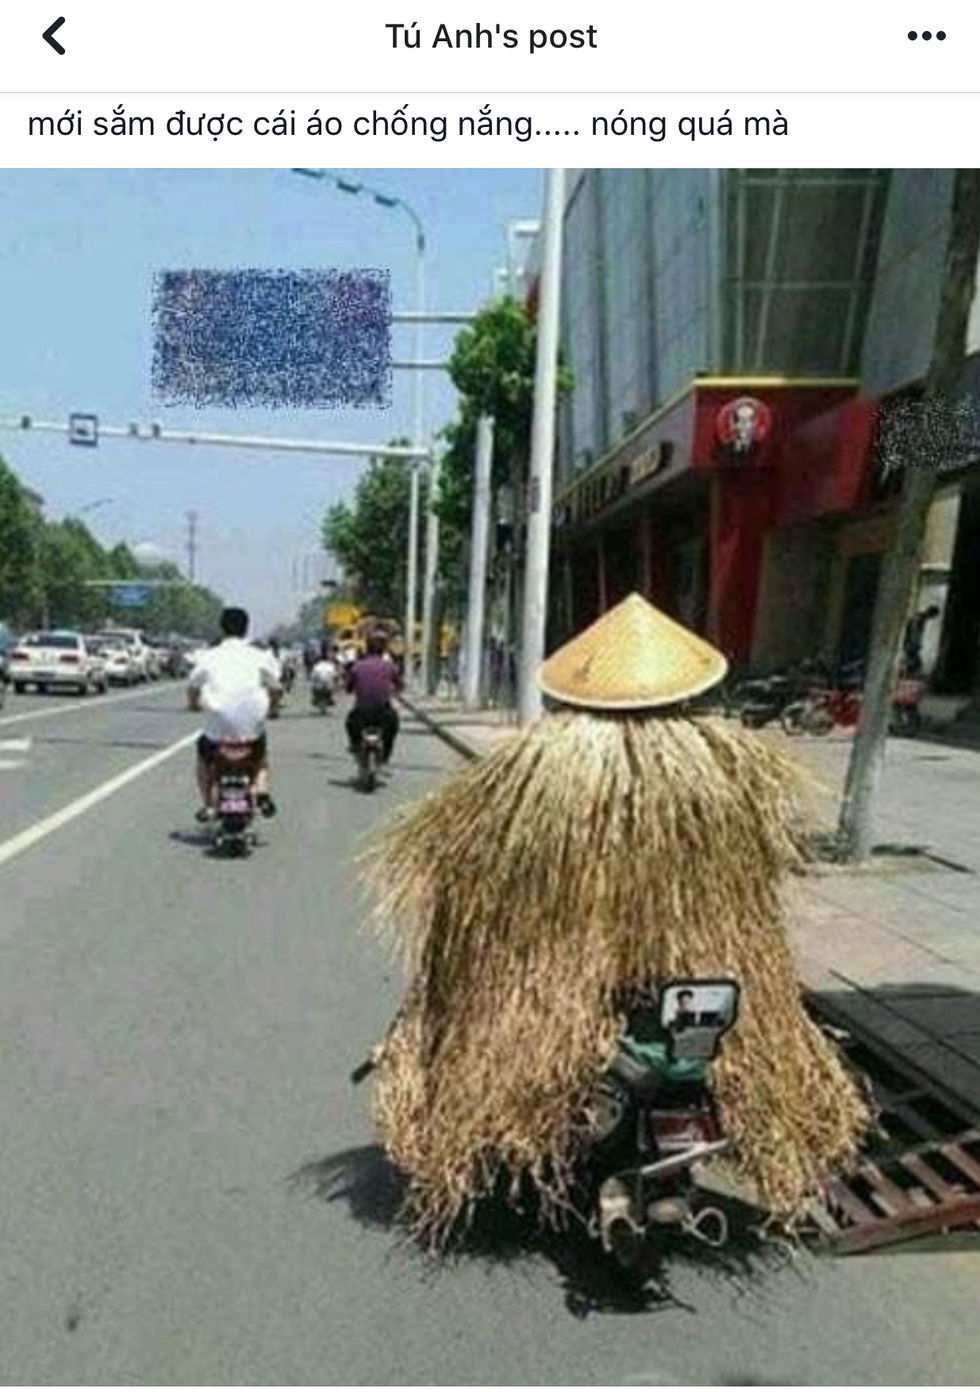 Dân mạng chế ảnh Sài Gòn nóng hầm hập không thua... nồi lẩu - Ảnh 13.